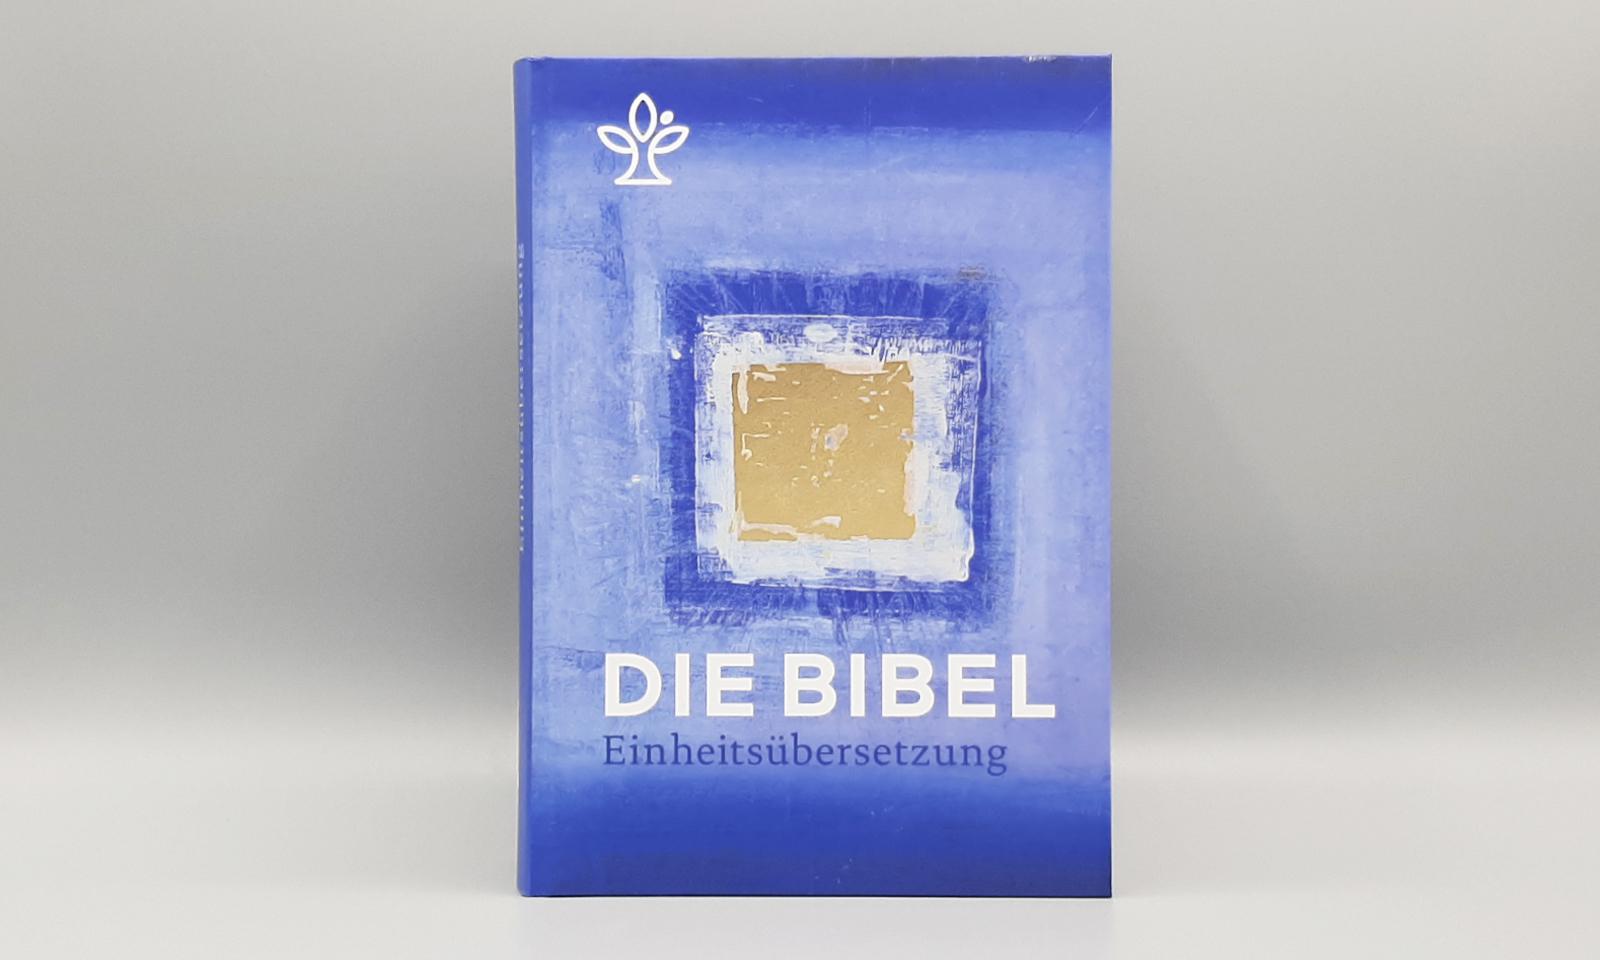 Die Bibel2